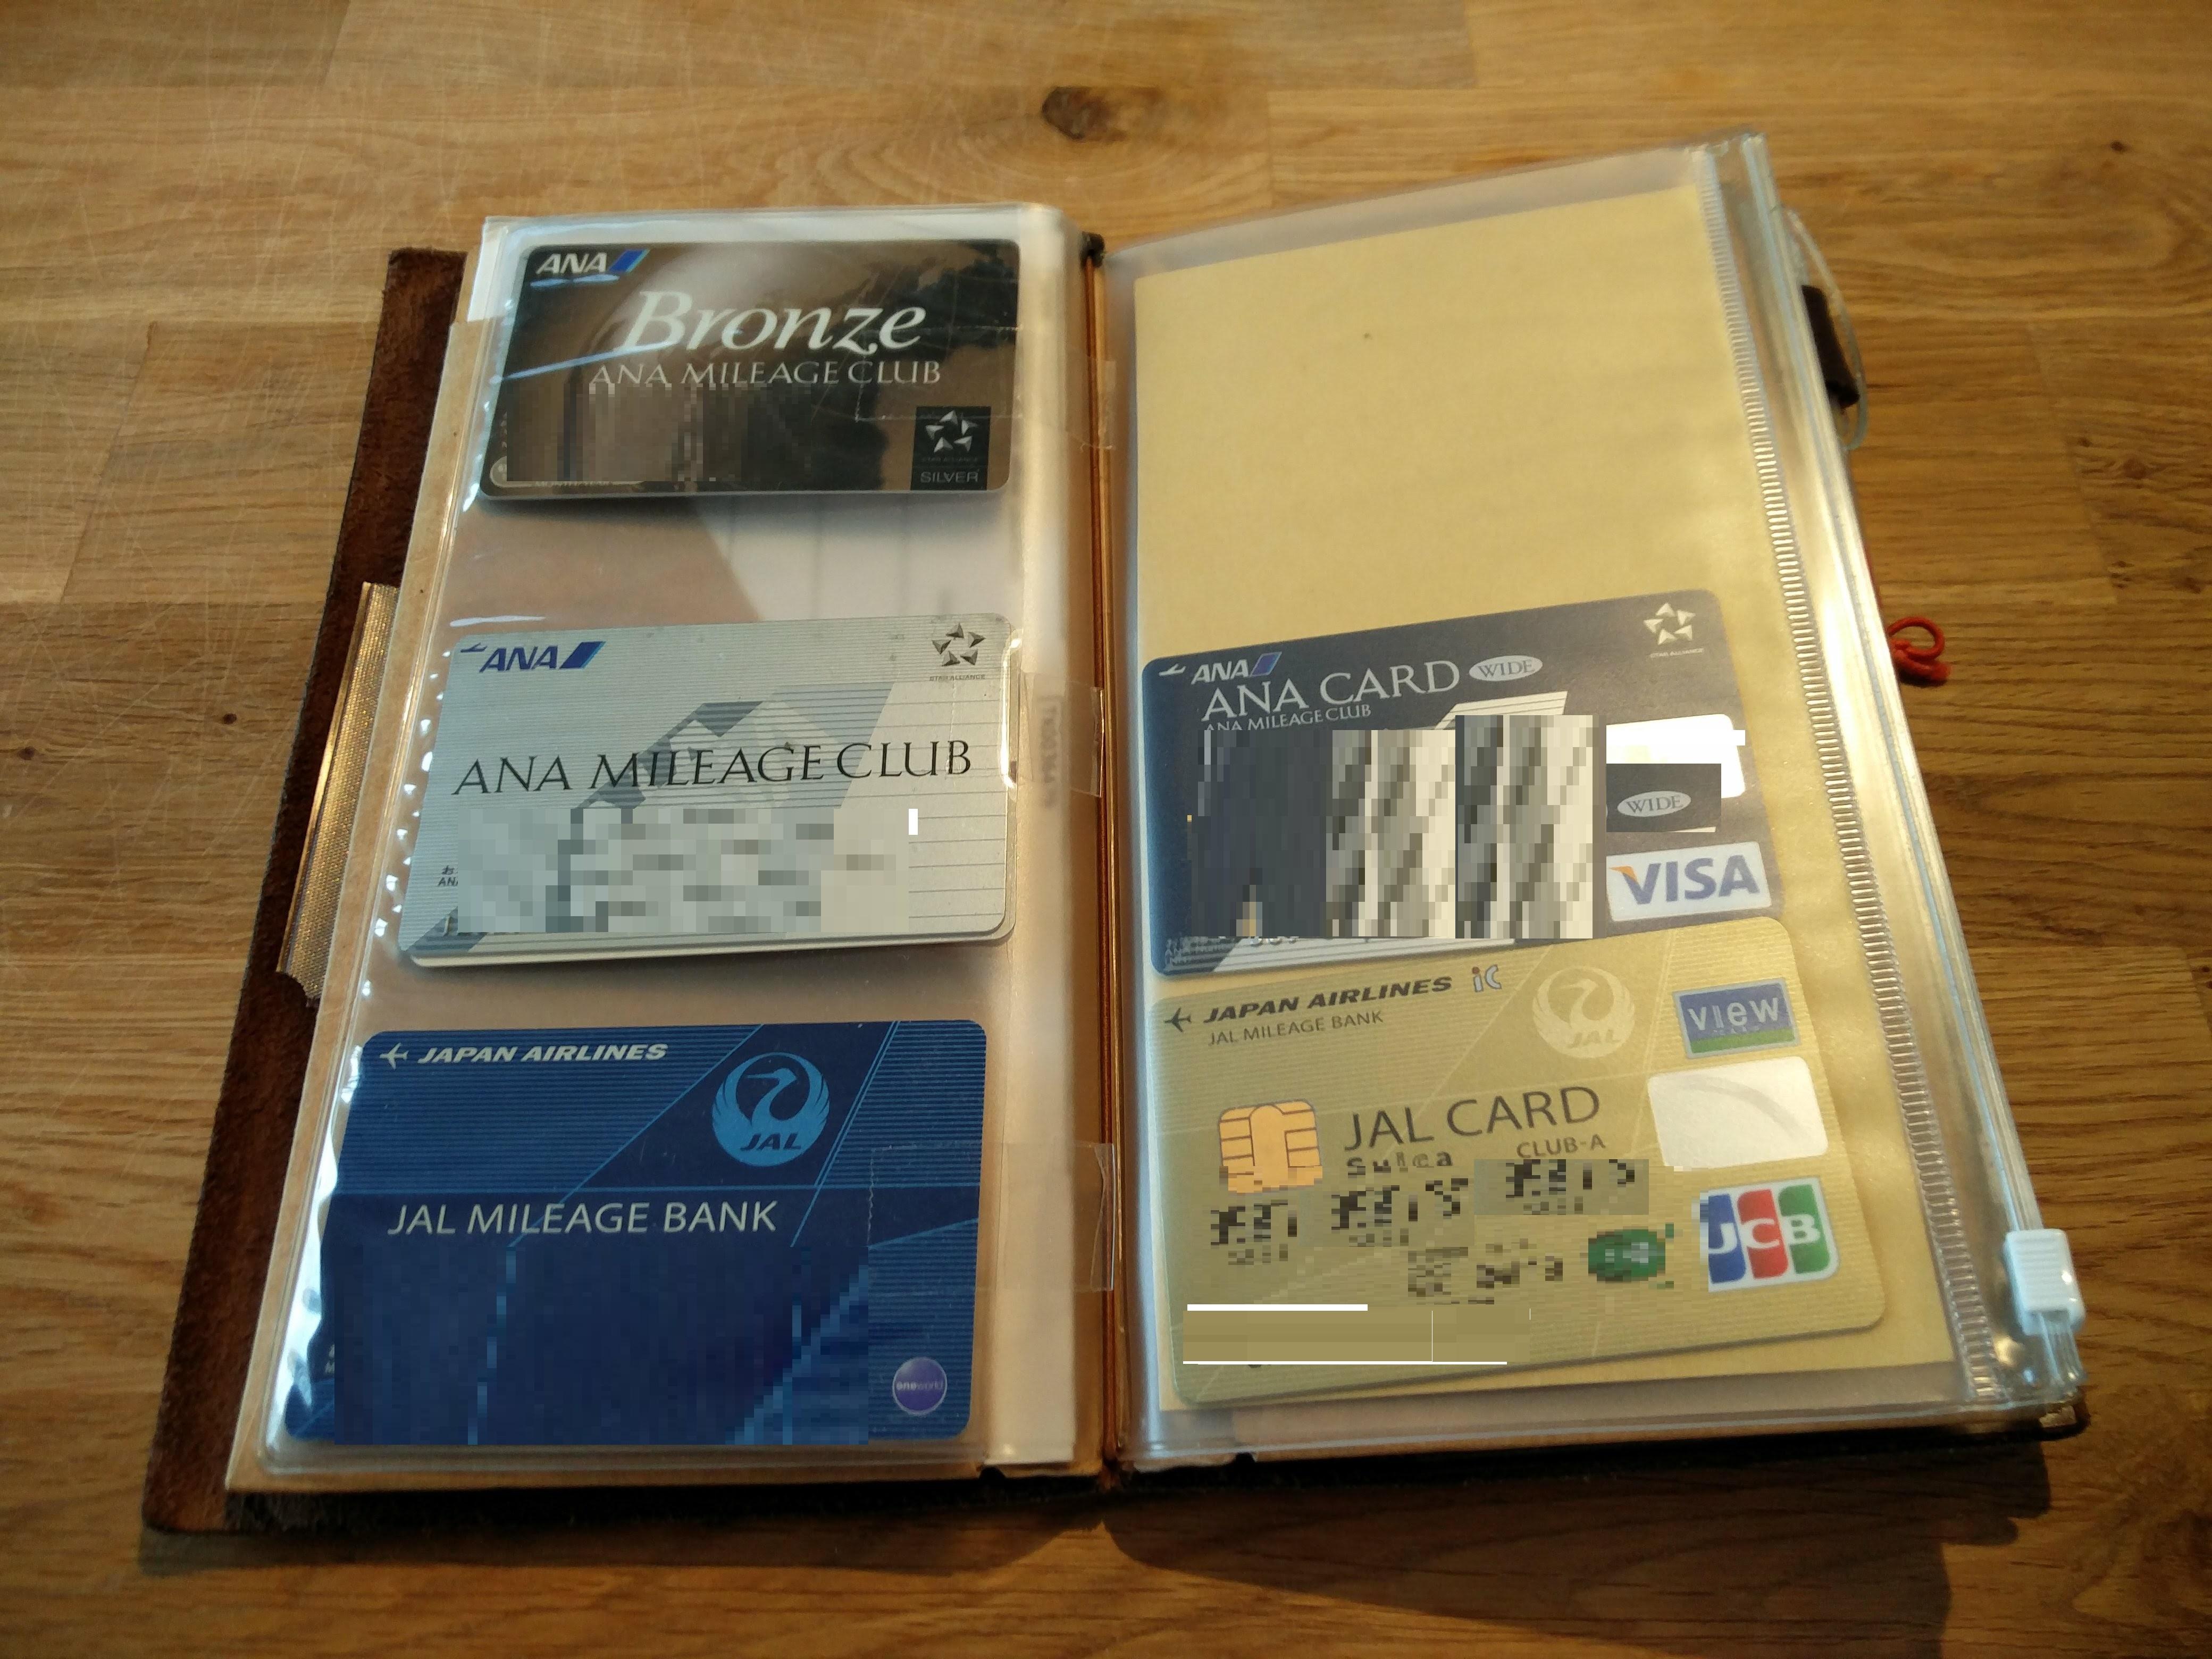 ジッパーケースその1の使い方。ジッパー内にはクレジットカード類、スリット式のところは通常のマイレージ系のカード。